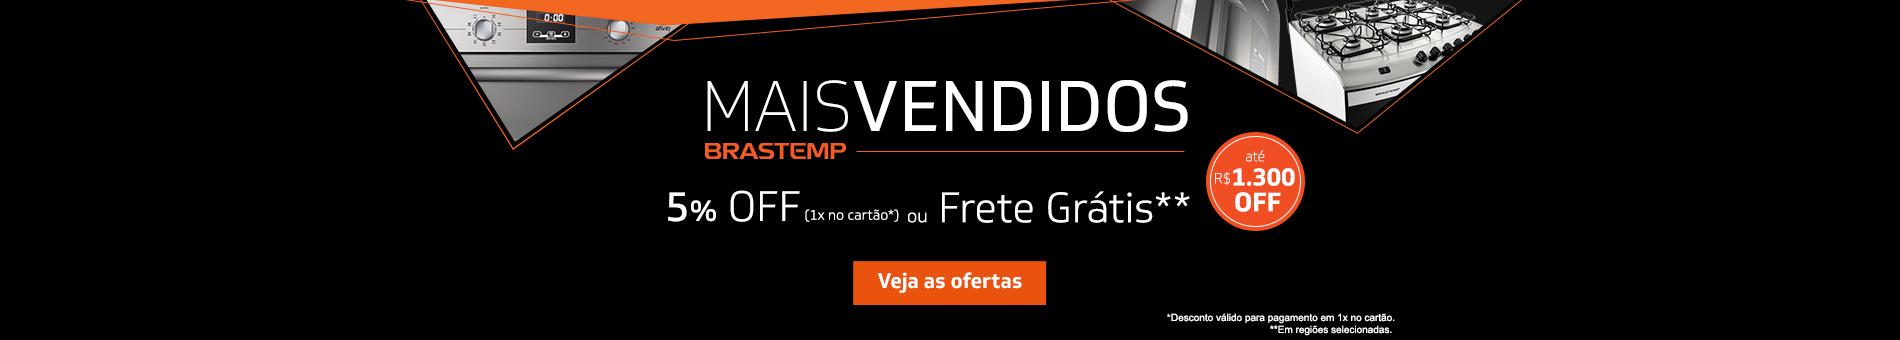 Promoção Interna - 1031 - maisvendidos_campanha_home1_28102016 - campanha - 1